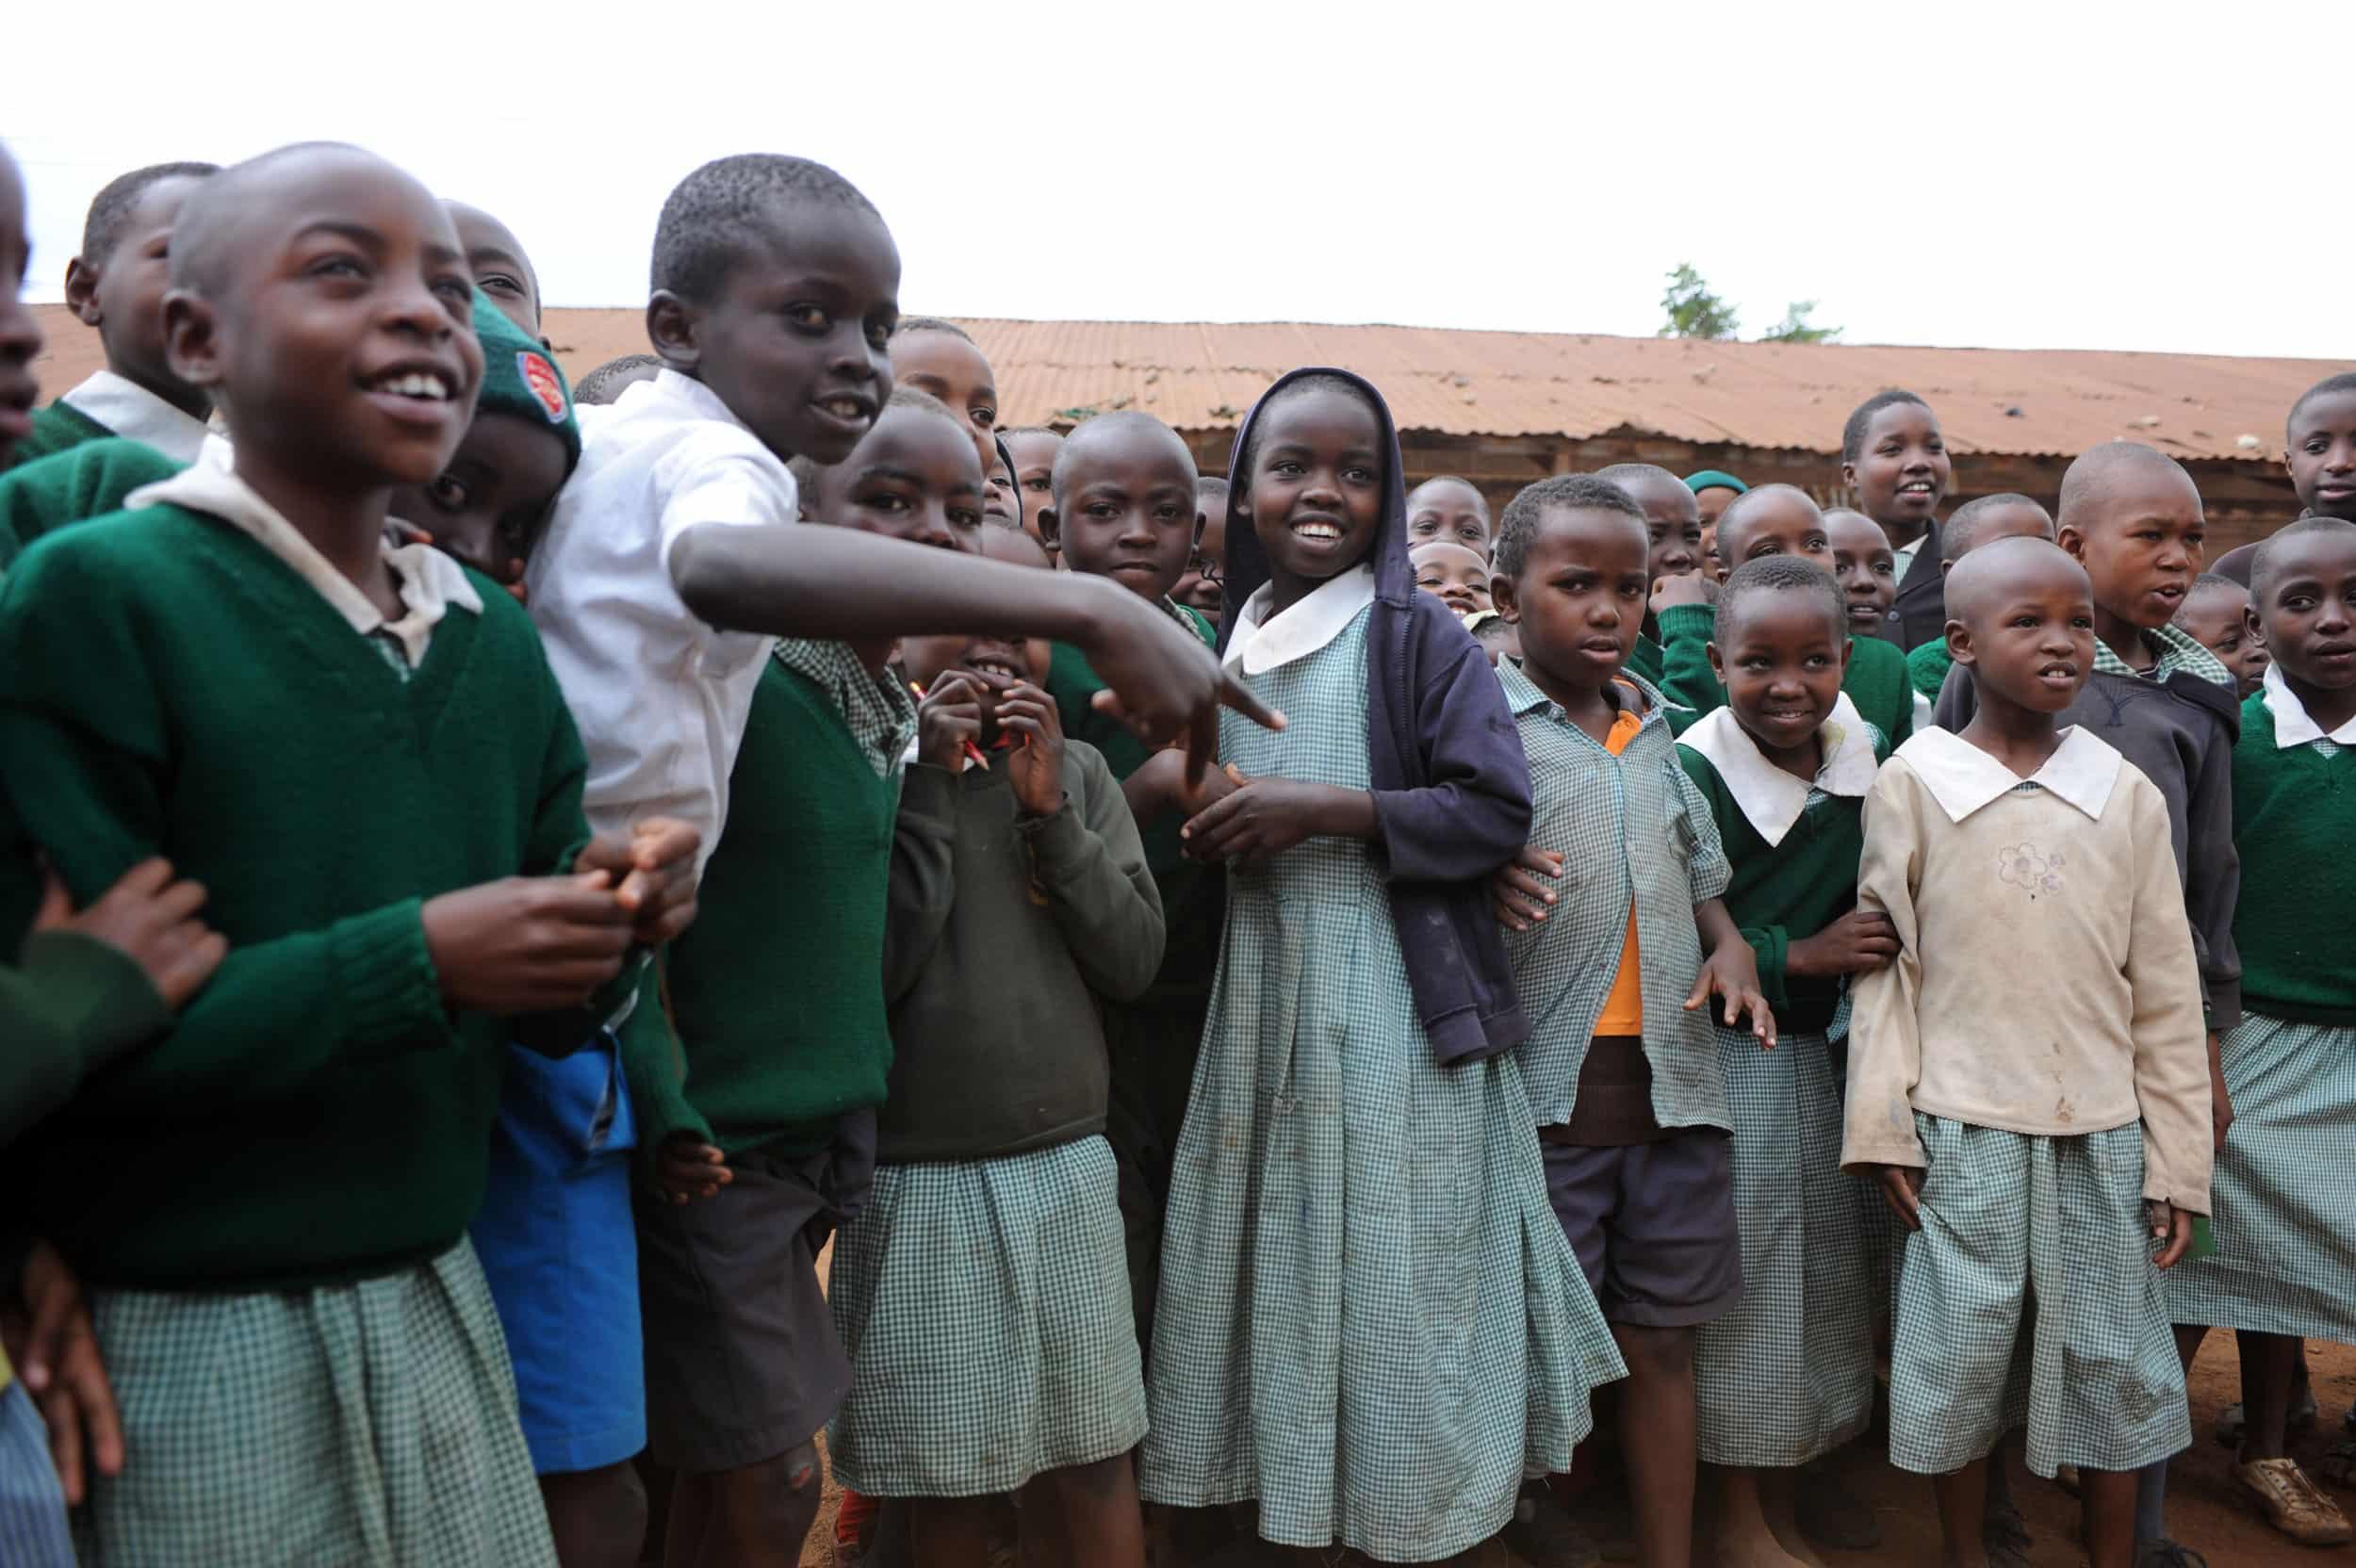 Mejora de la calidad y del rendimiento escolar en los distritos rurales de Les Hauts-Plateaux y Logone y Chari